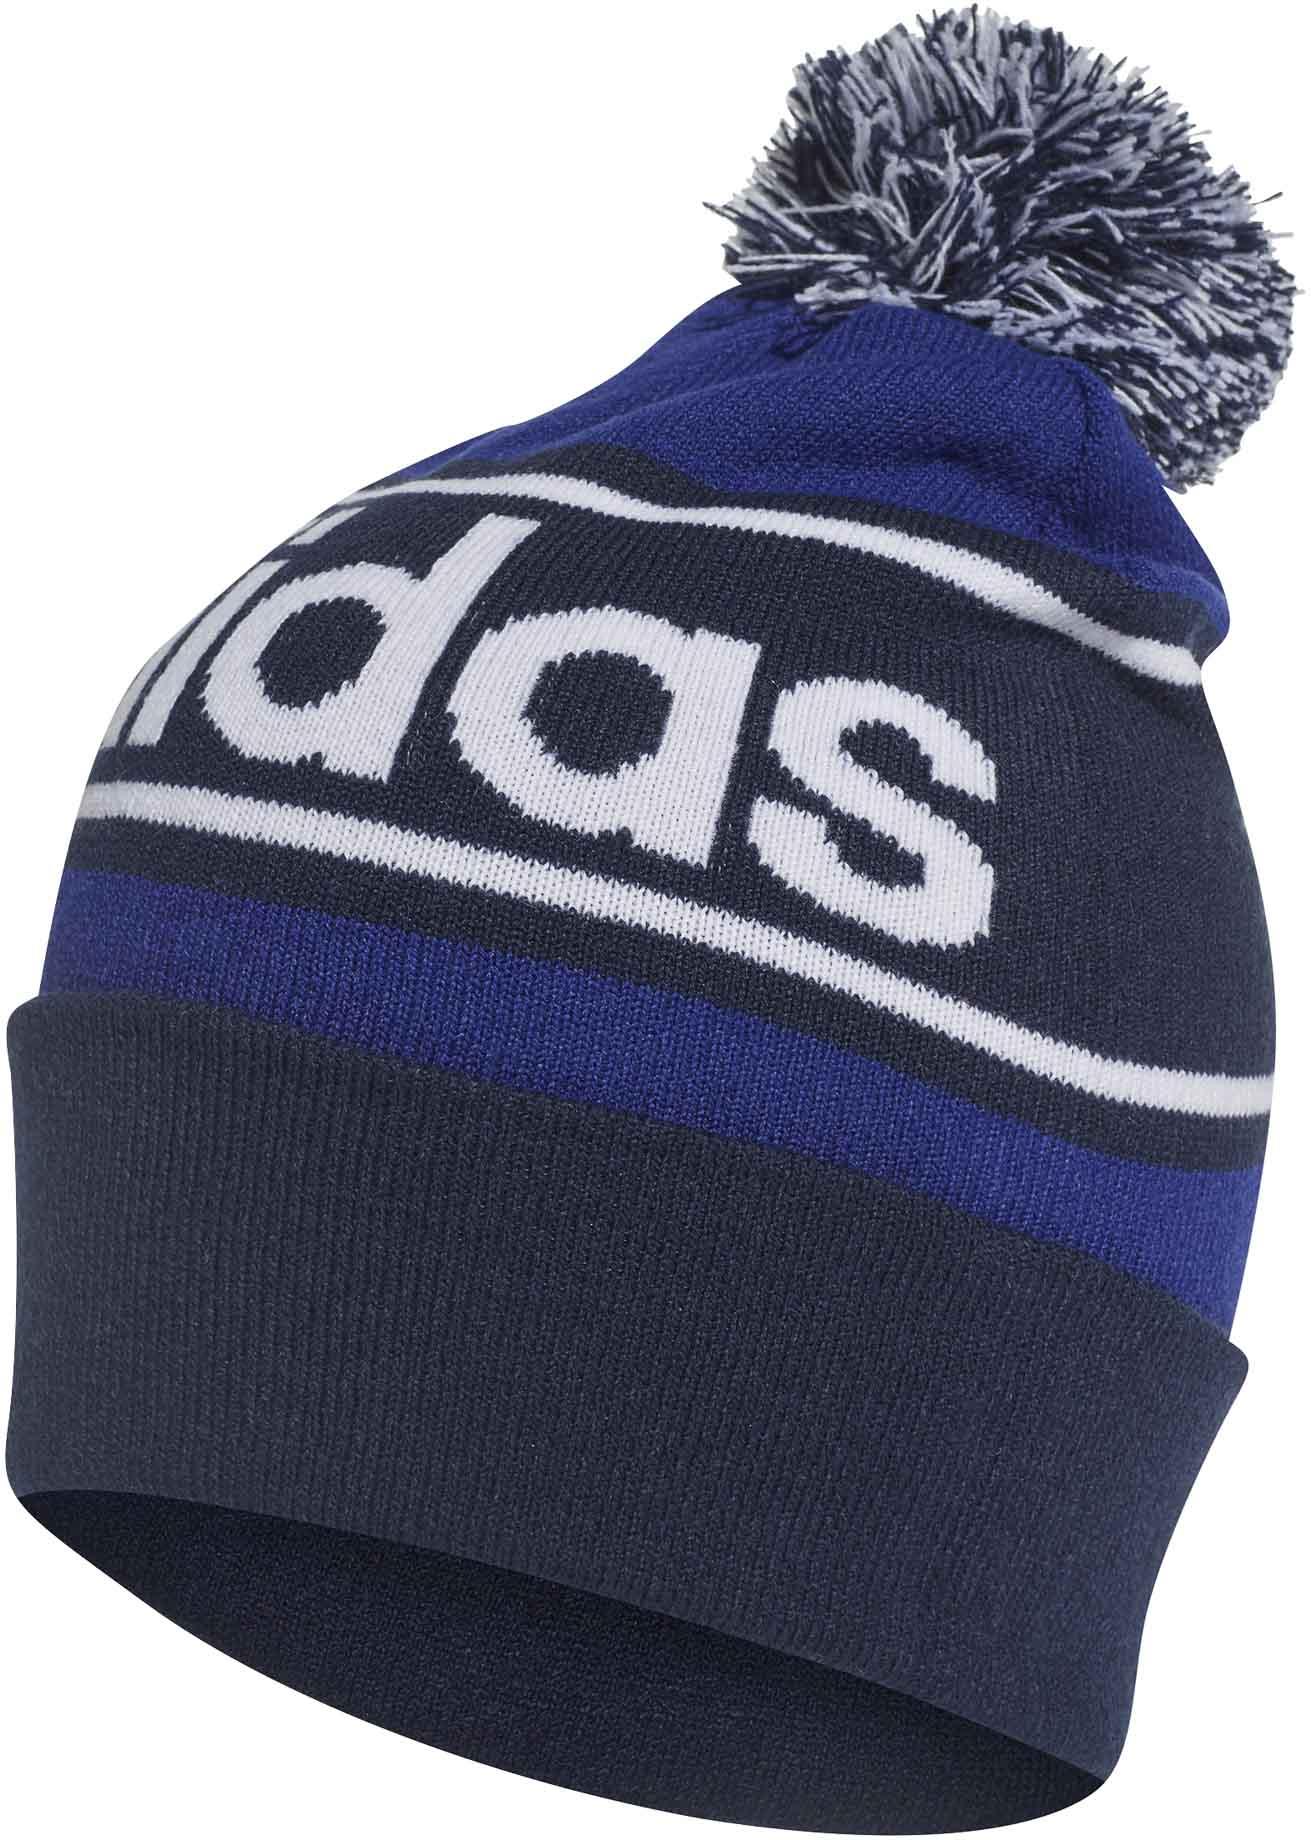 Zimní čepice Adidas LINEAR WOOLIE